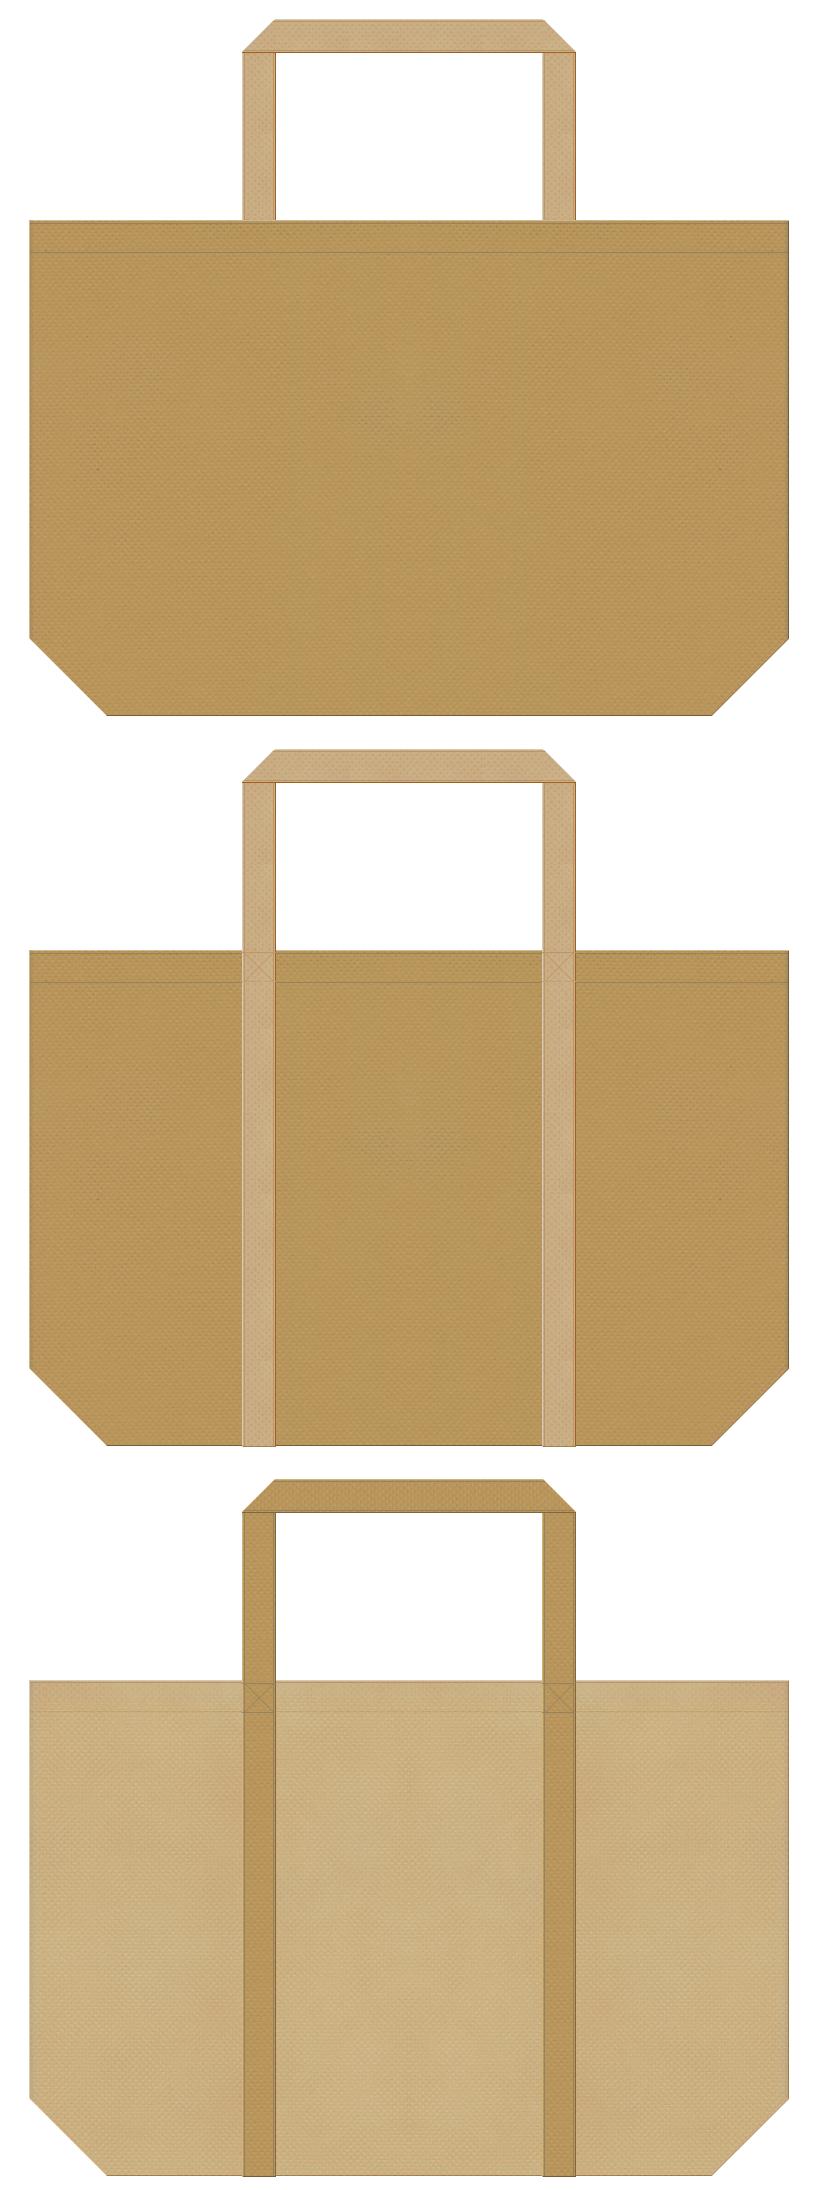 秋冬イベント・お灸・漢方薬・作業用品・日曜大工・工作教室・手芸教室・DIYのショッピングバッグにお奨めの不織布バッグデザイン:金黄土色とカーキ色のコーデ